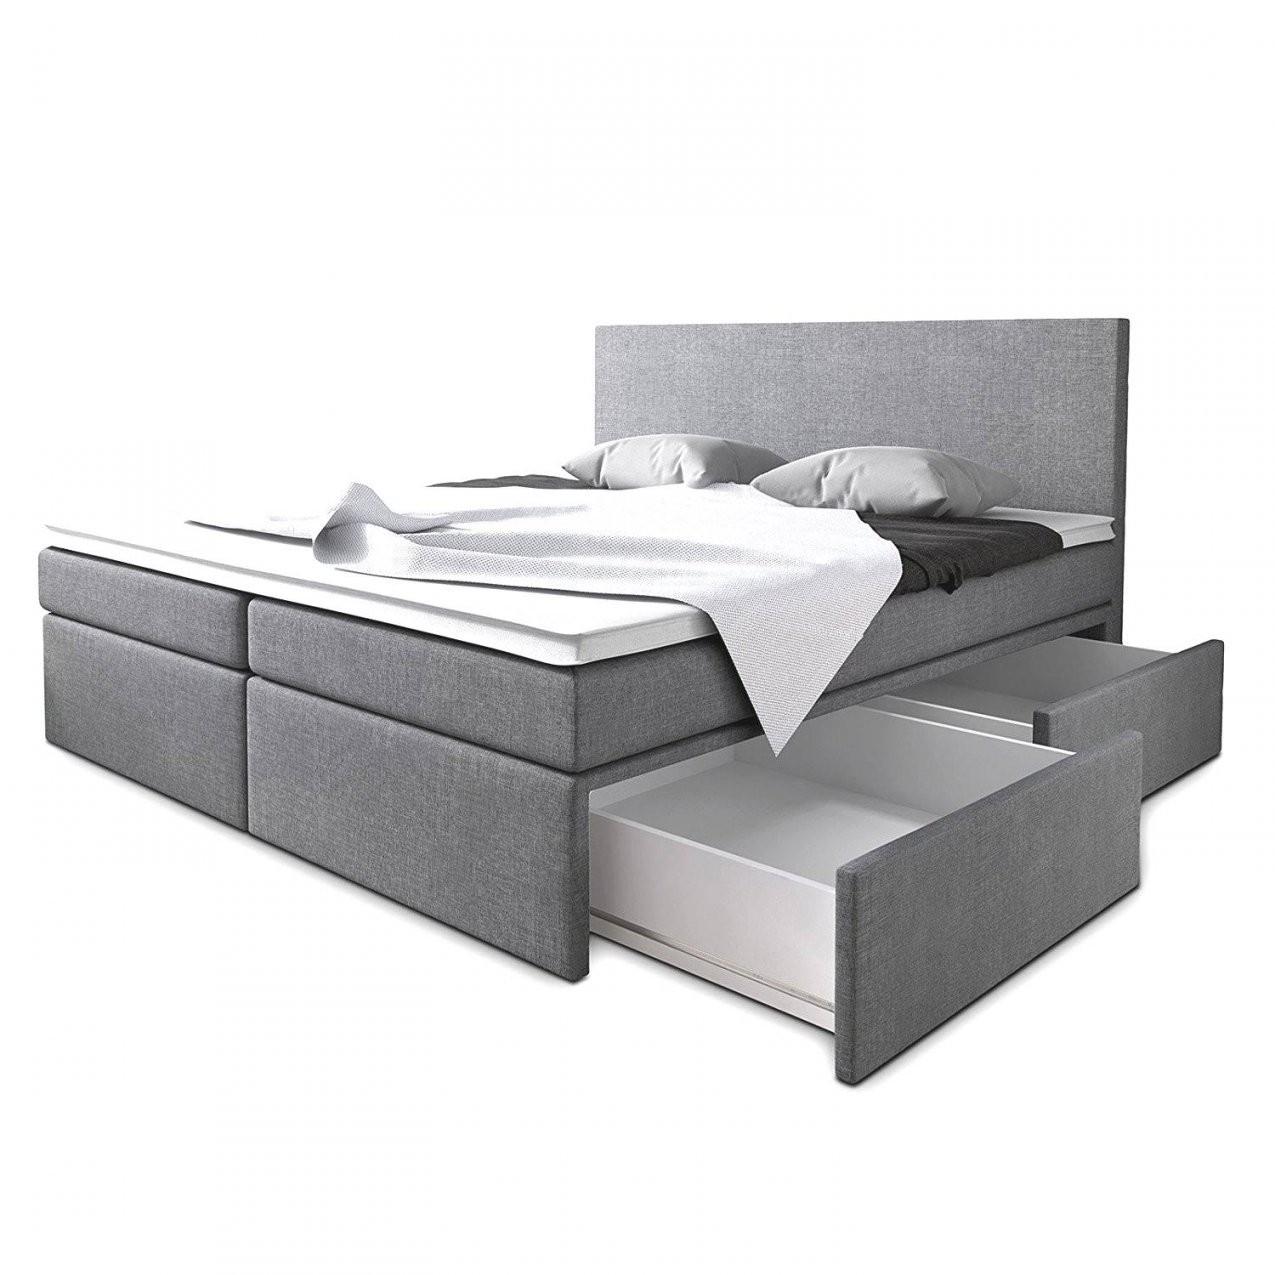 Unglaublich Roller Betten 160X200 160 200 Haus Und Design von Roller Betten 160X200 Photo